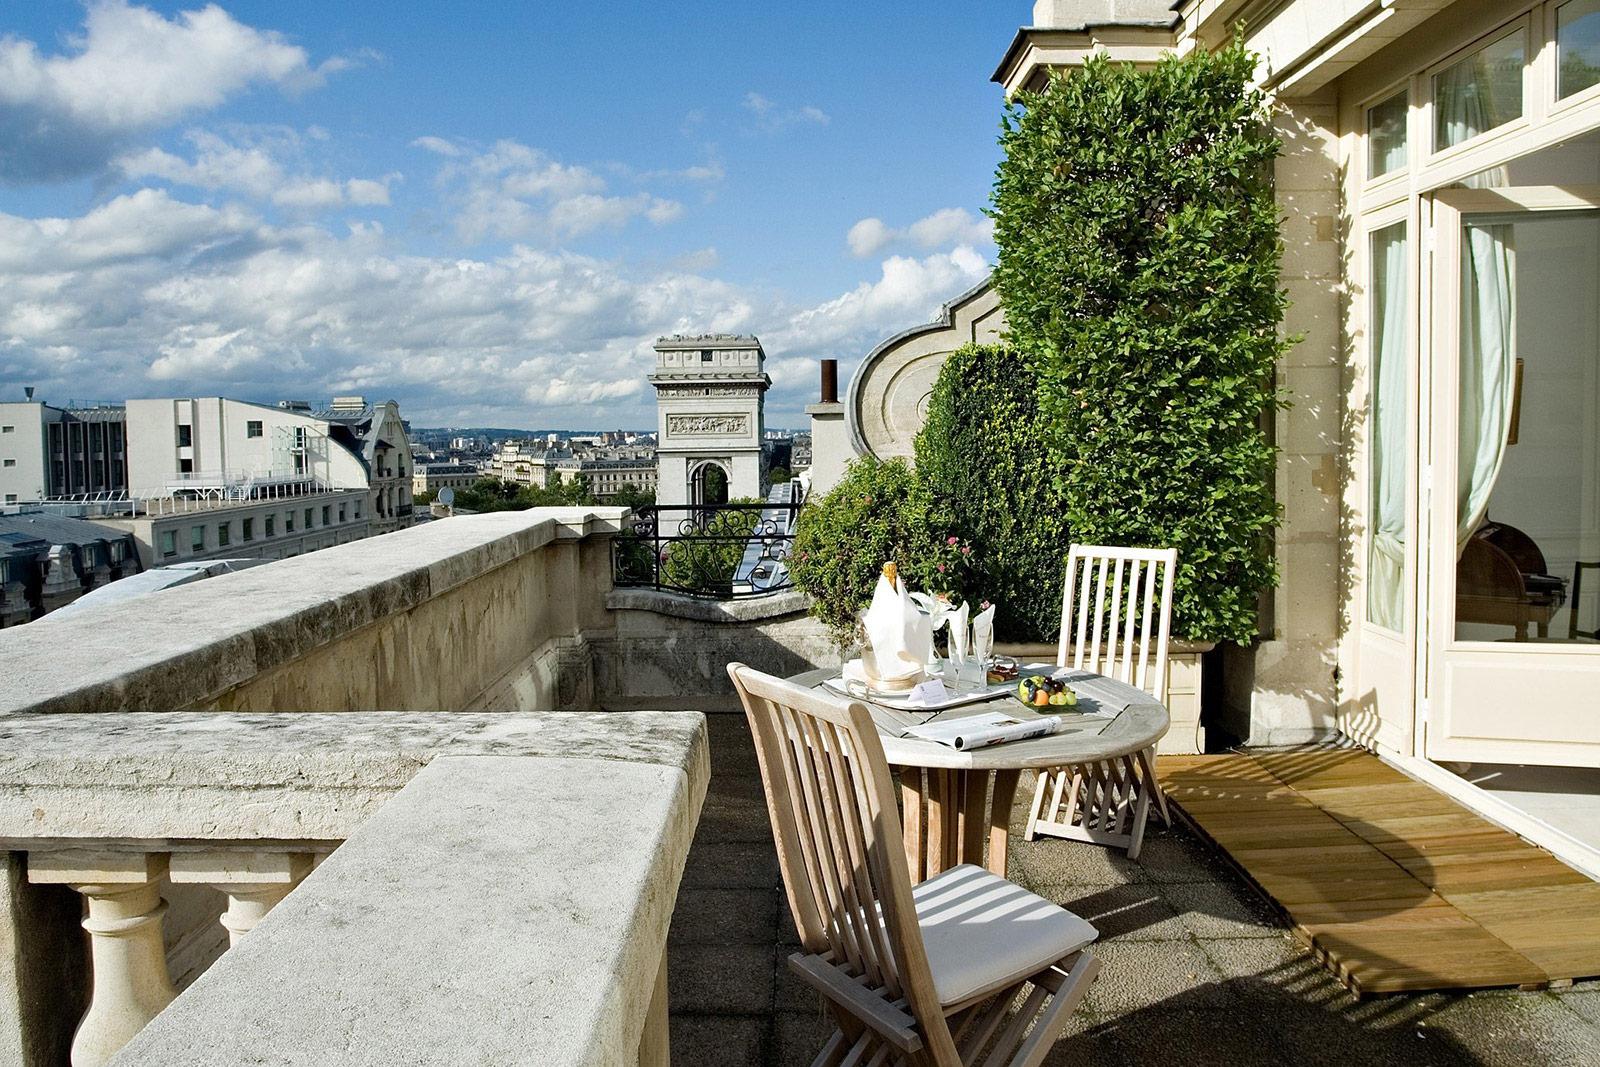 Les plus beaux h tels avec vue sur paris blog d 39 h tel - Restaurant terrasse ou jardin paris limoges ...